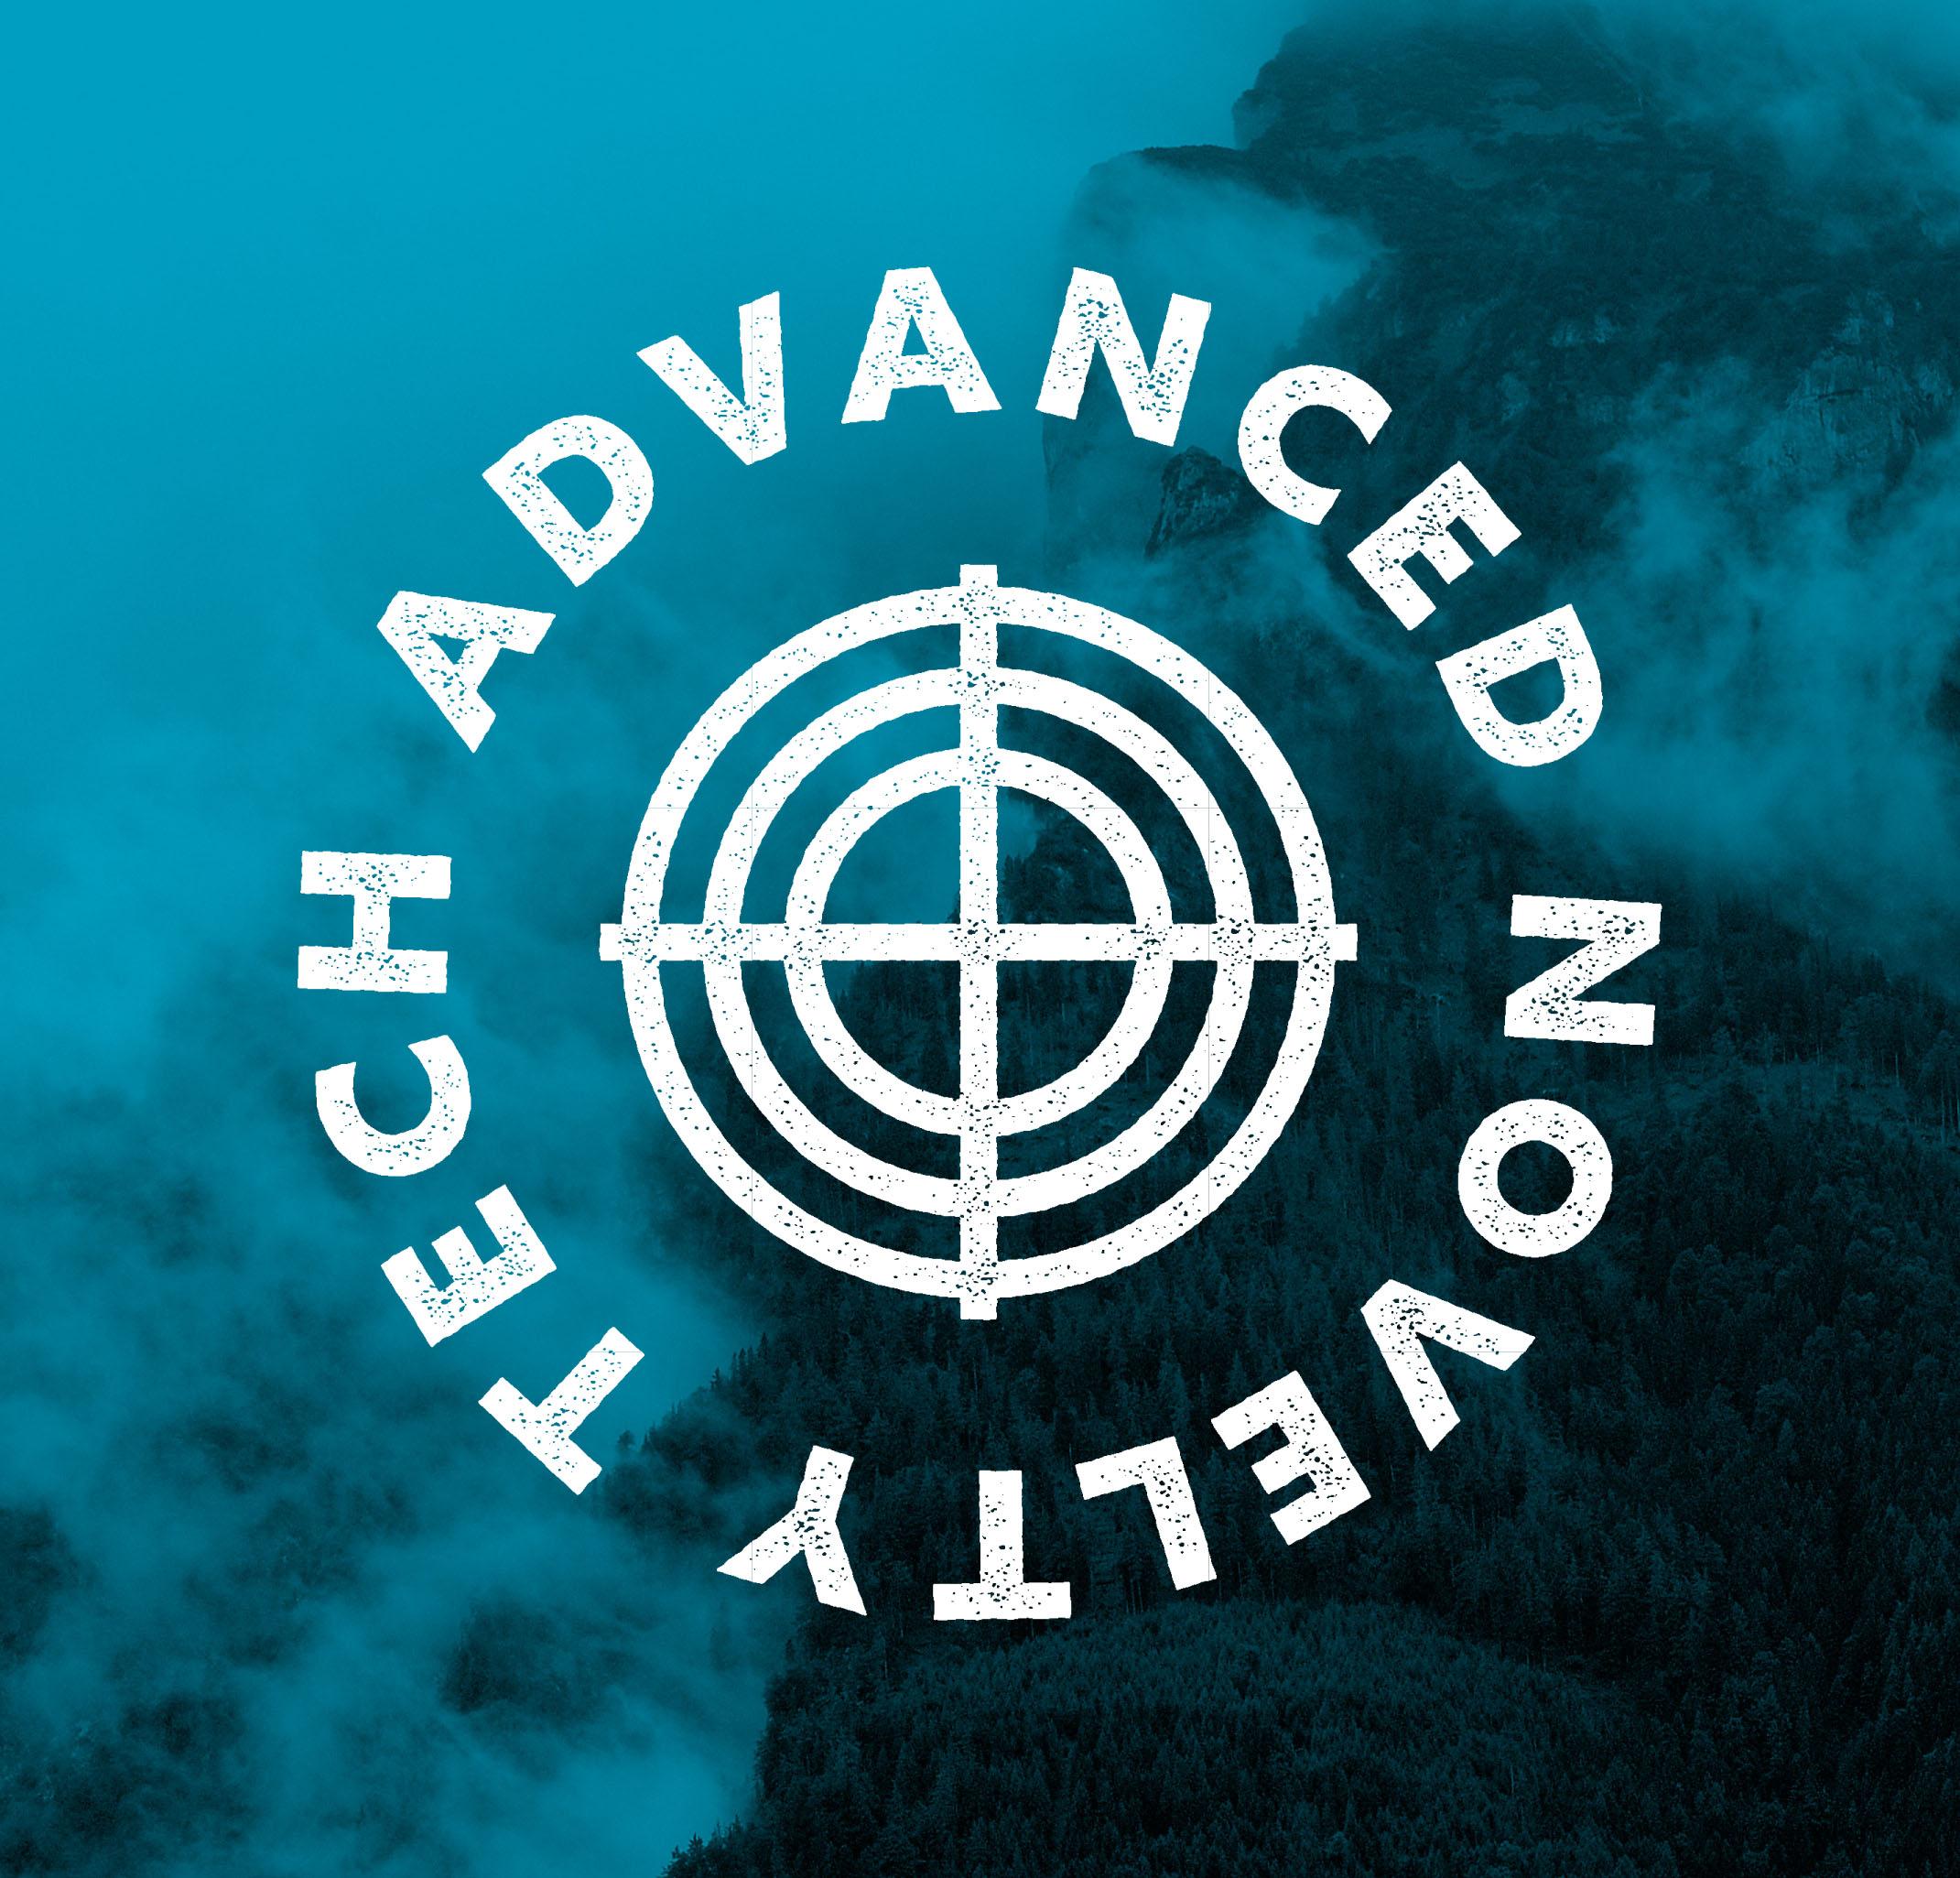 advancednoveltytech.jpg